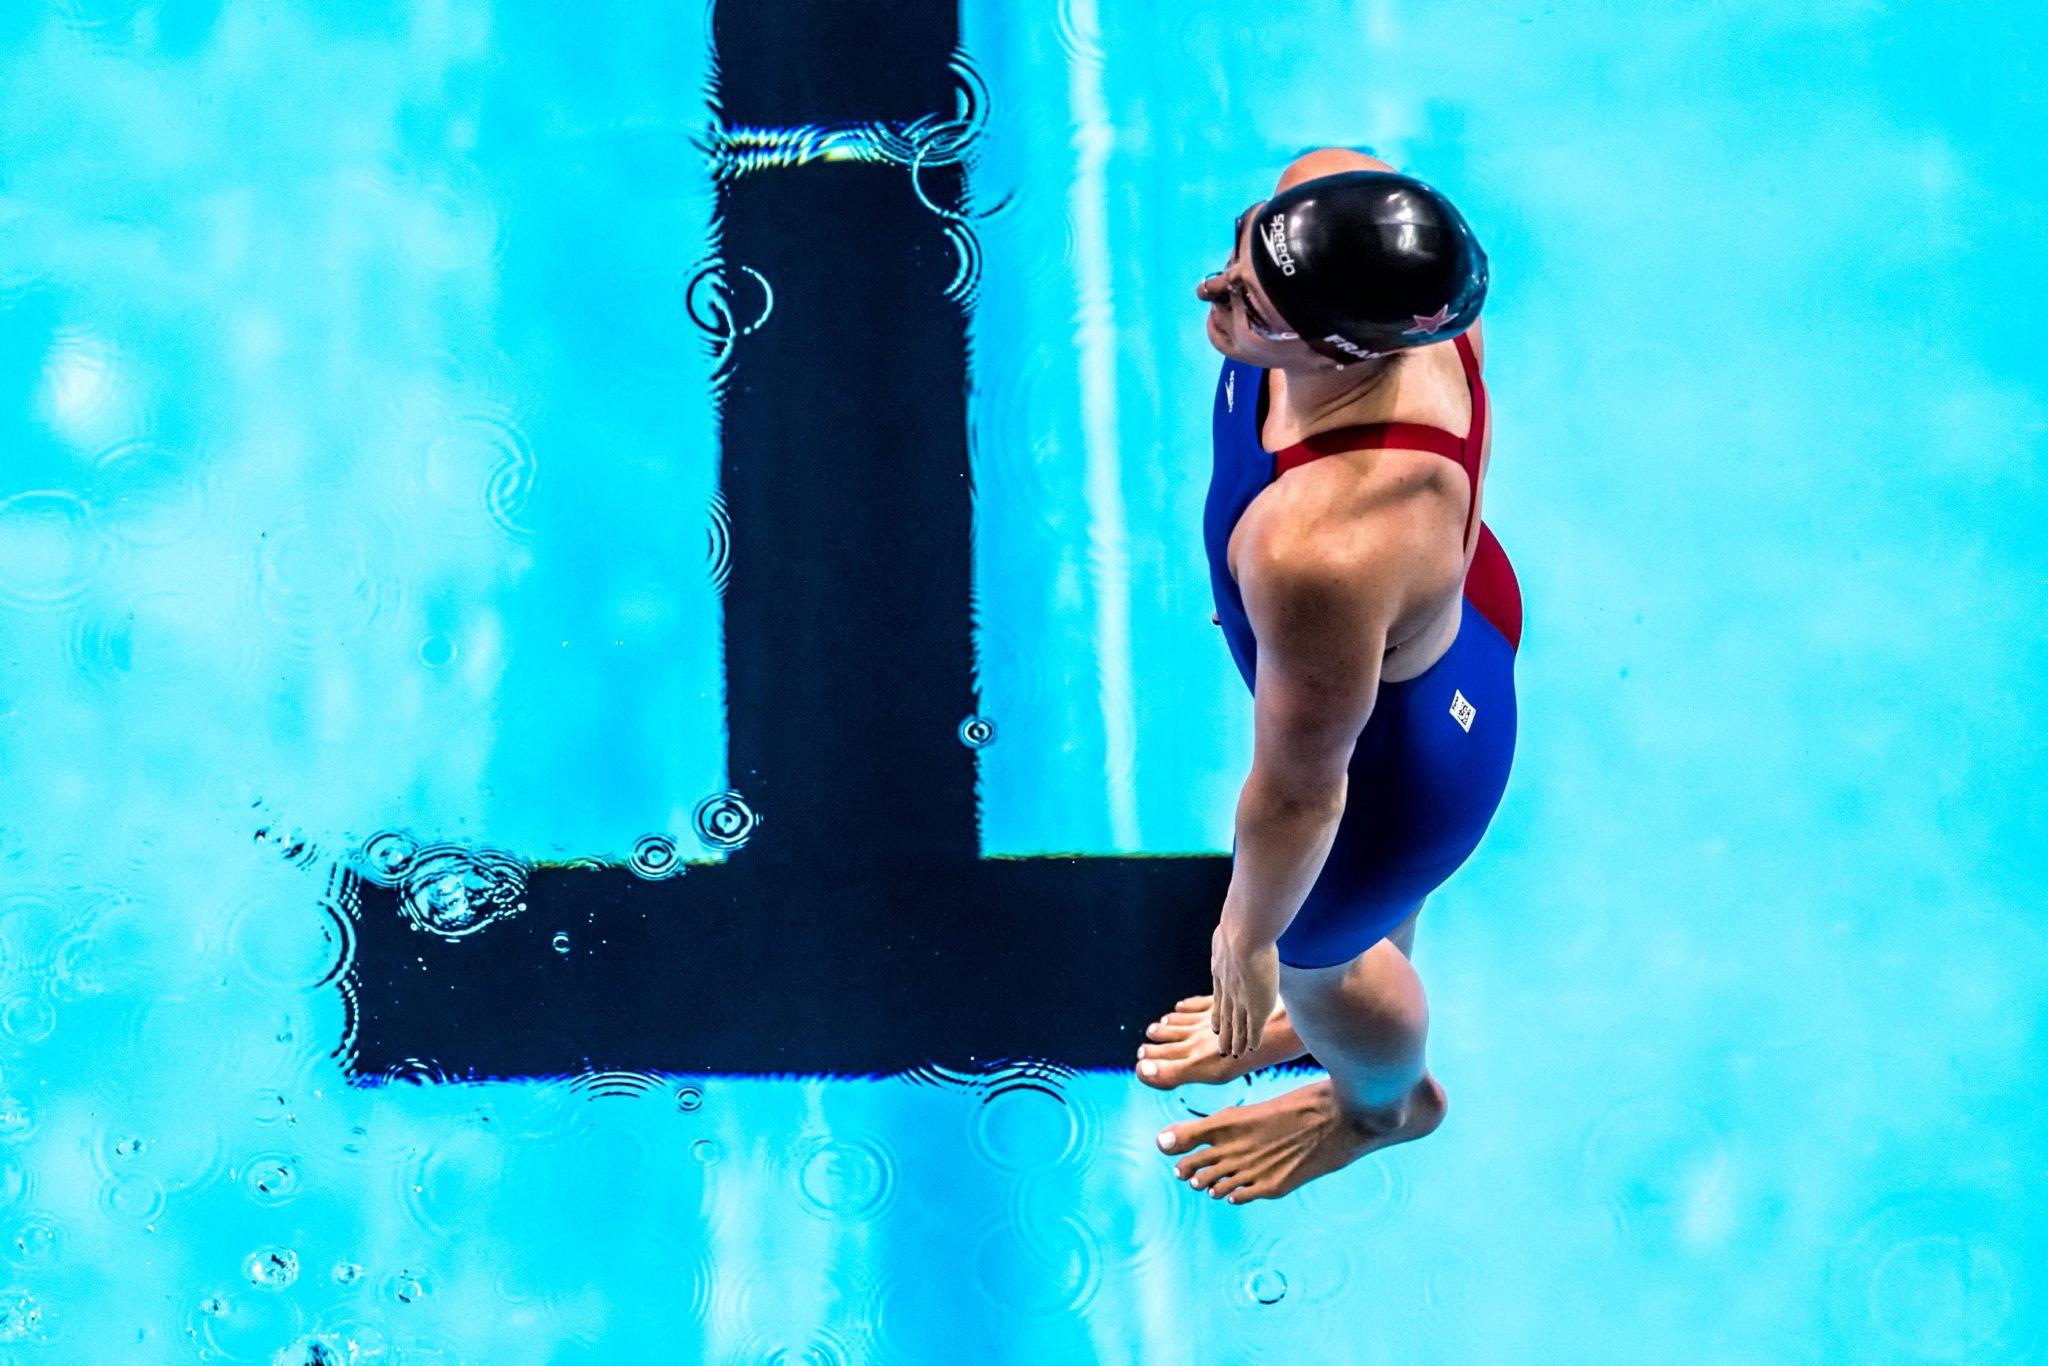 Campeonato Pan-Pacífico de natación aplazado de 2022 a 2026